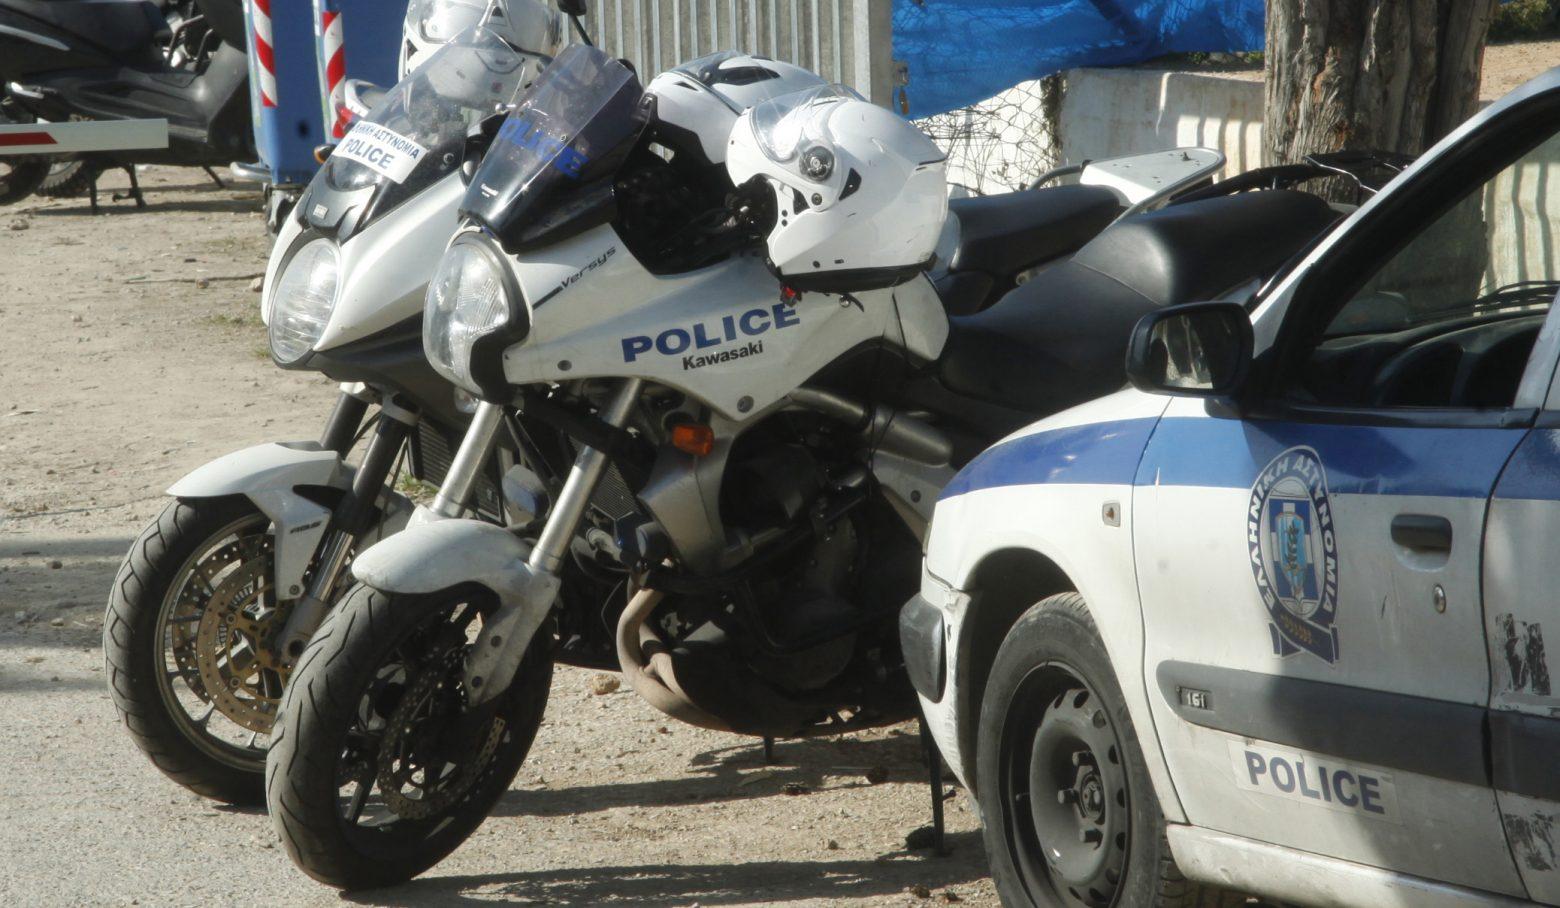 Γυναικοκτονία Δάφνη: Σε διαθεσιμότητα οι αστυνομικοί που αγνόησαν τις καταγγελίες για ενδοοικογενειακή βία [pic, vid]